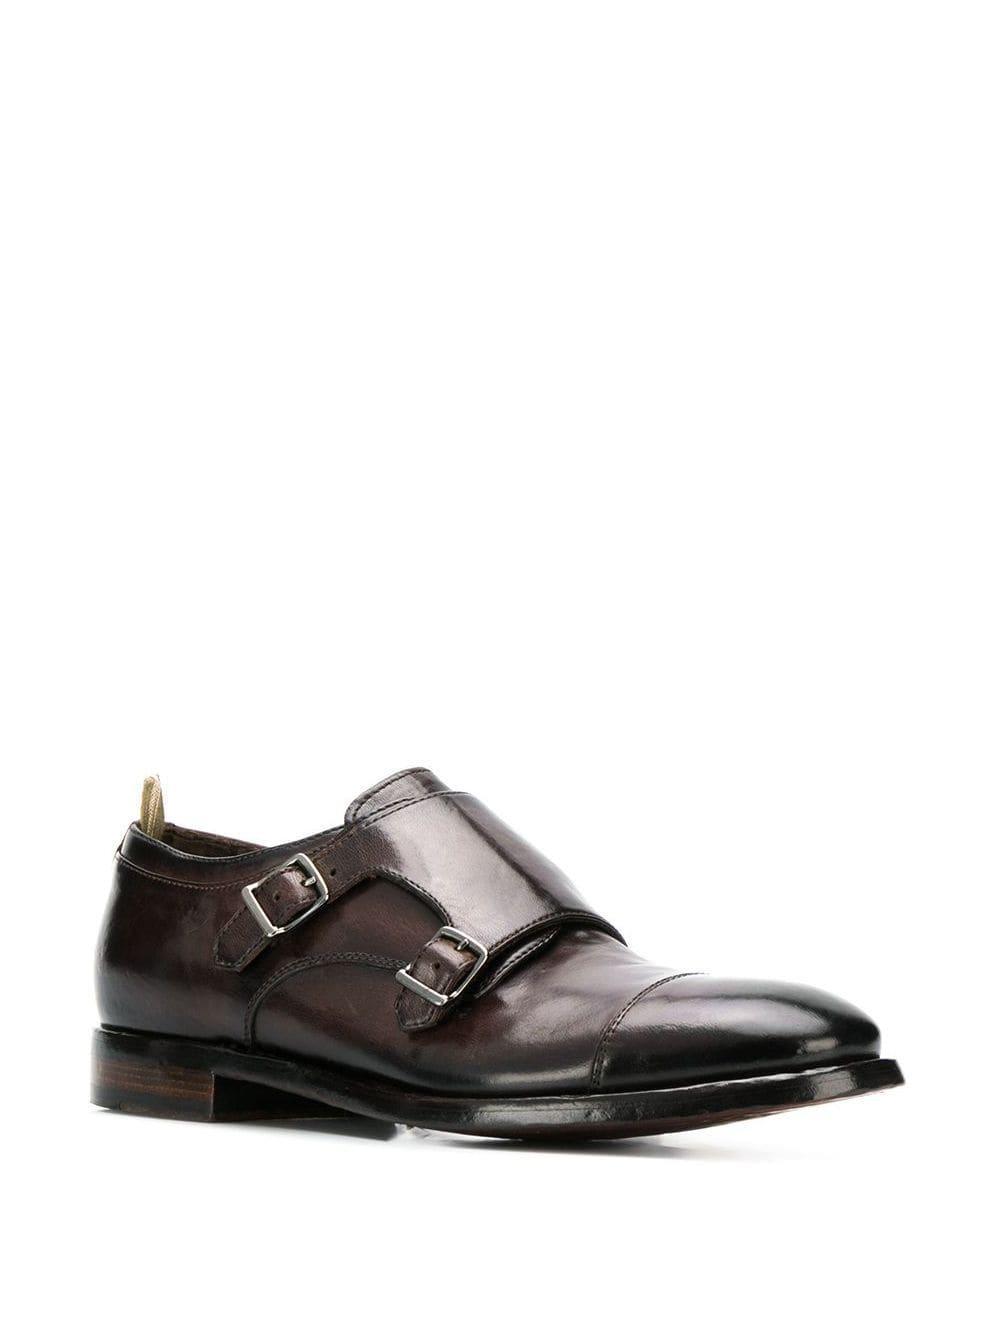 Zapatos monk con hebillas Emory Officine Creative de Cuero de color Marrón para hombre